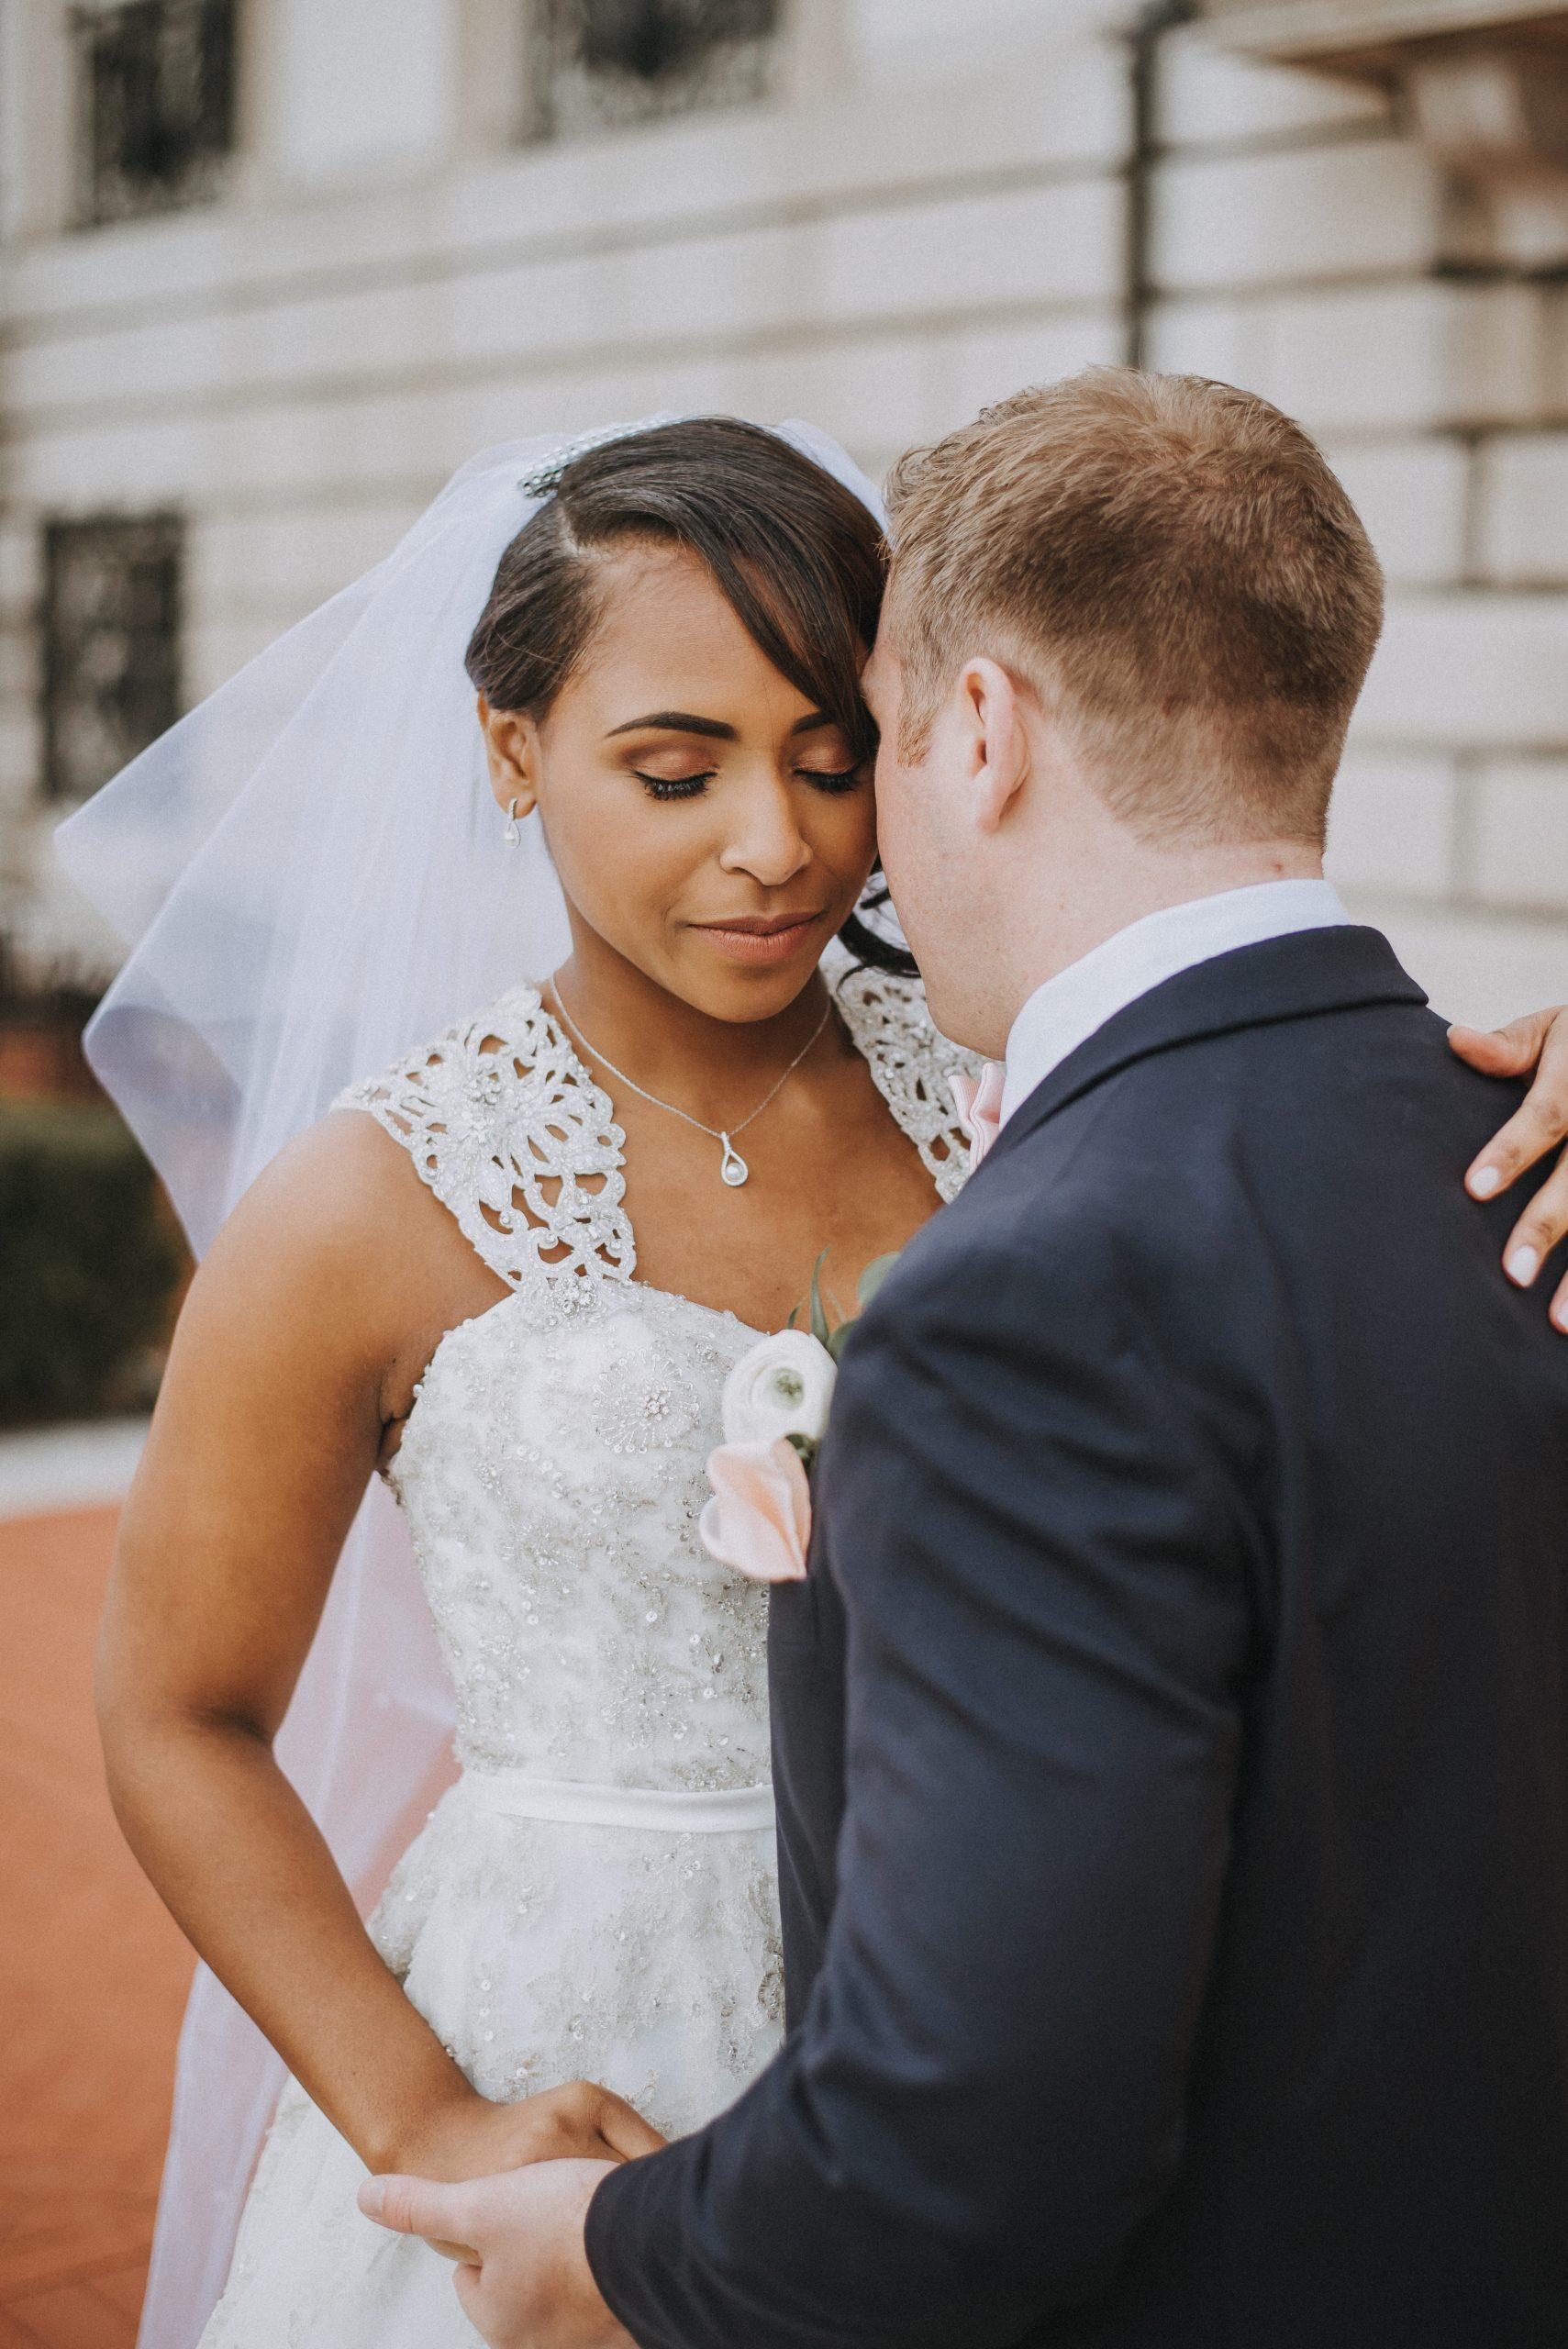 The war memorial wedding photos, Detroit wedding photographers, Detroit black wedding photographers,